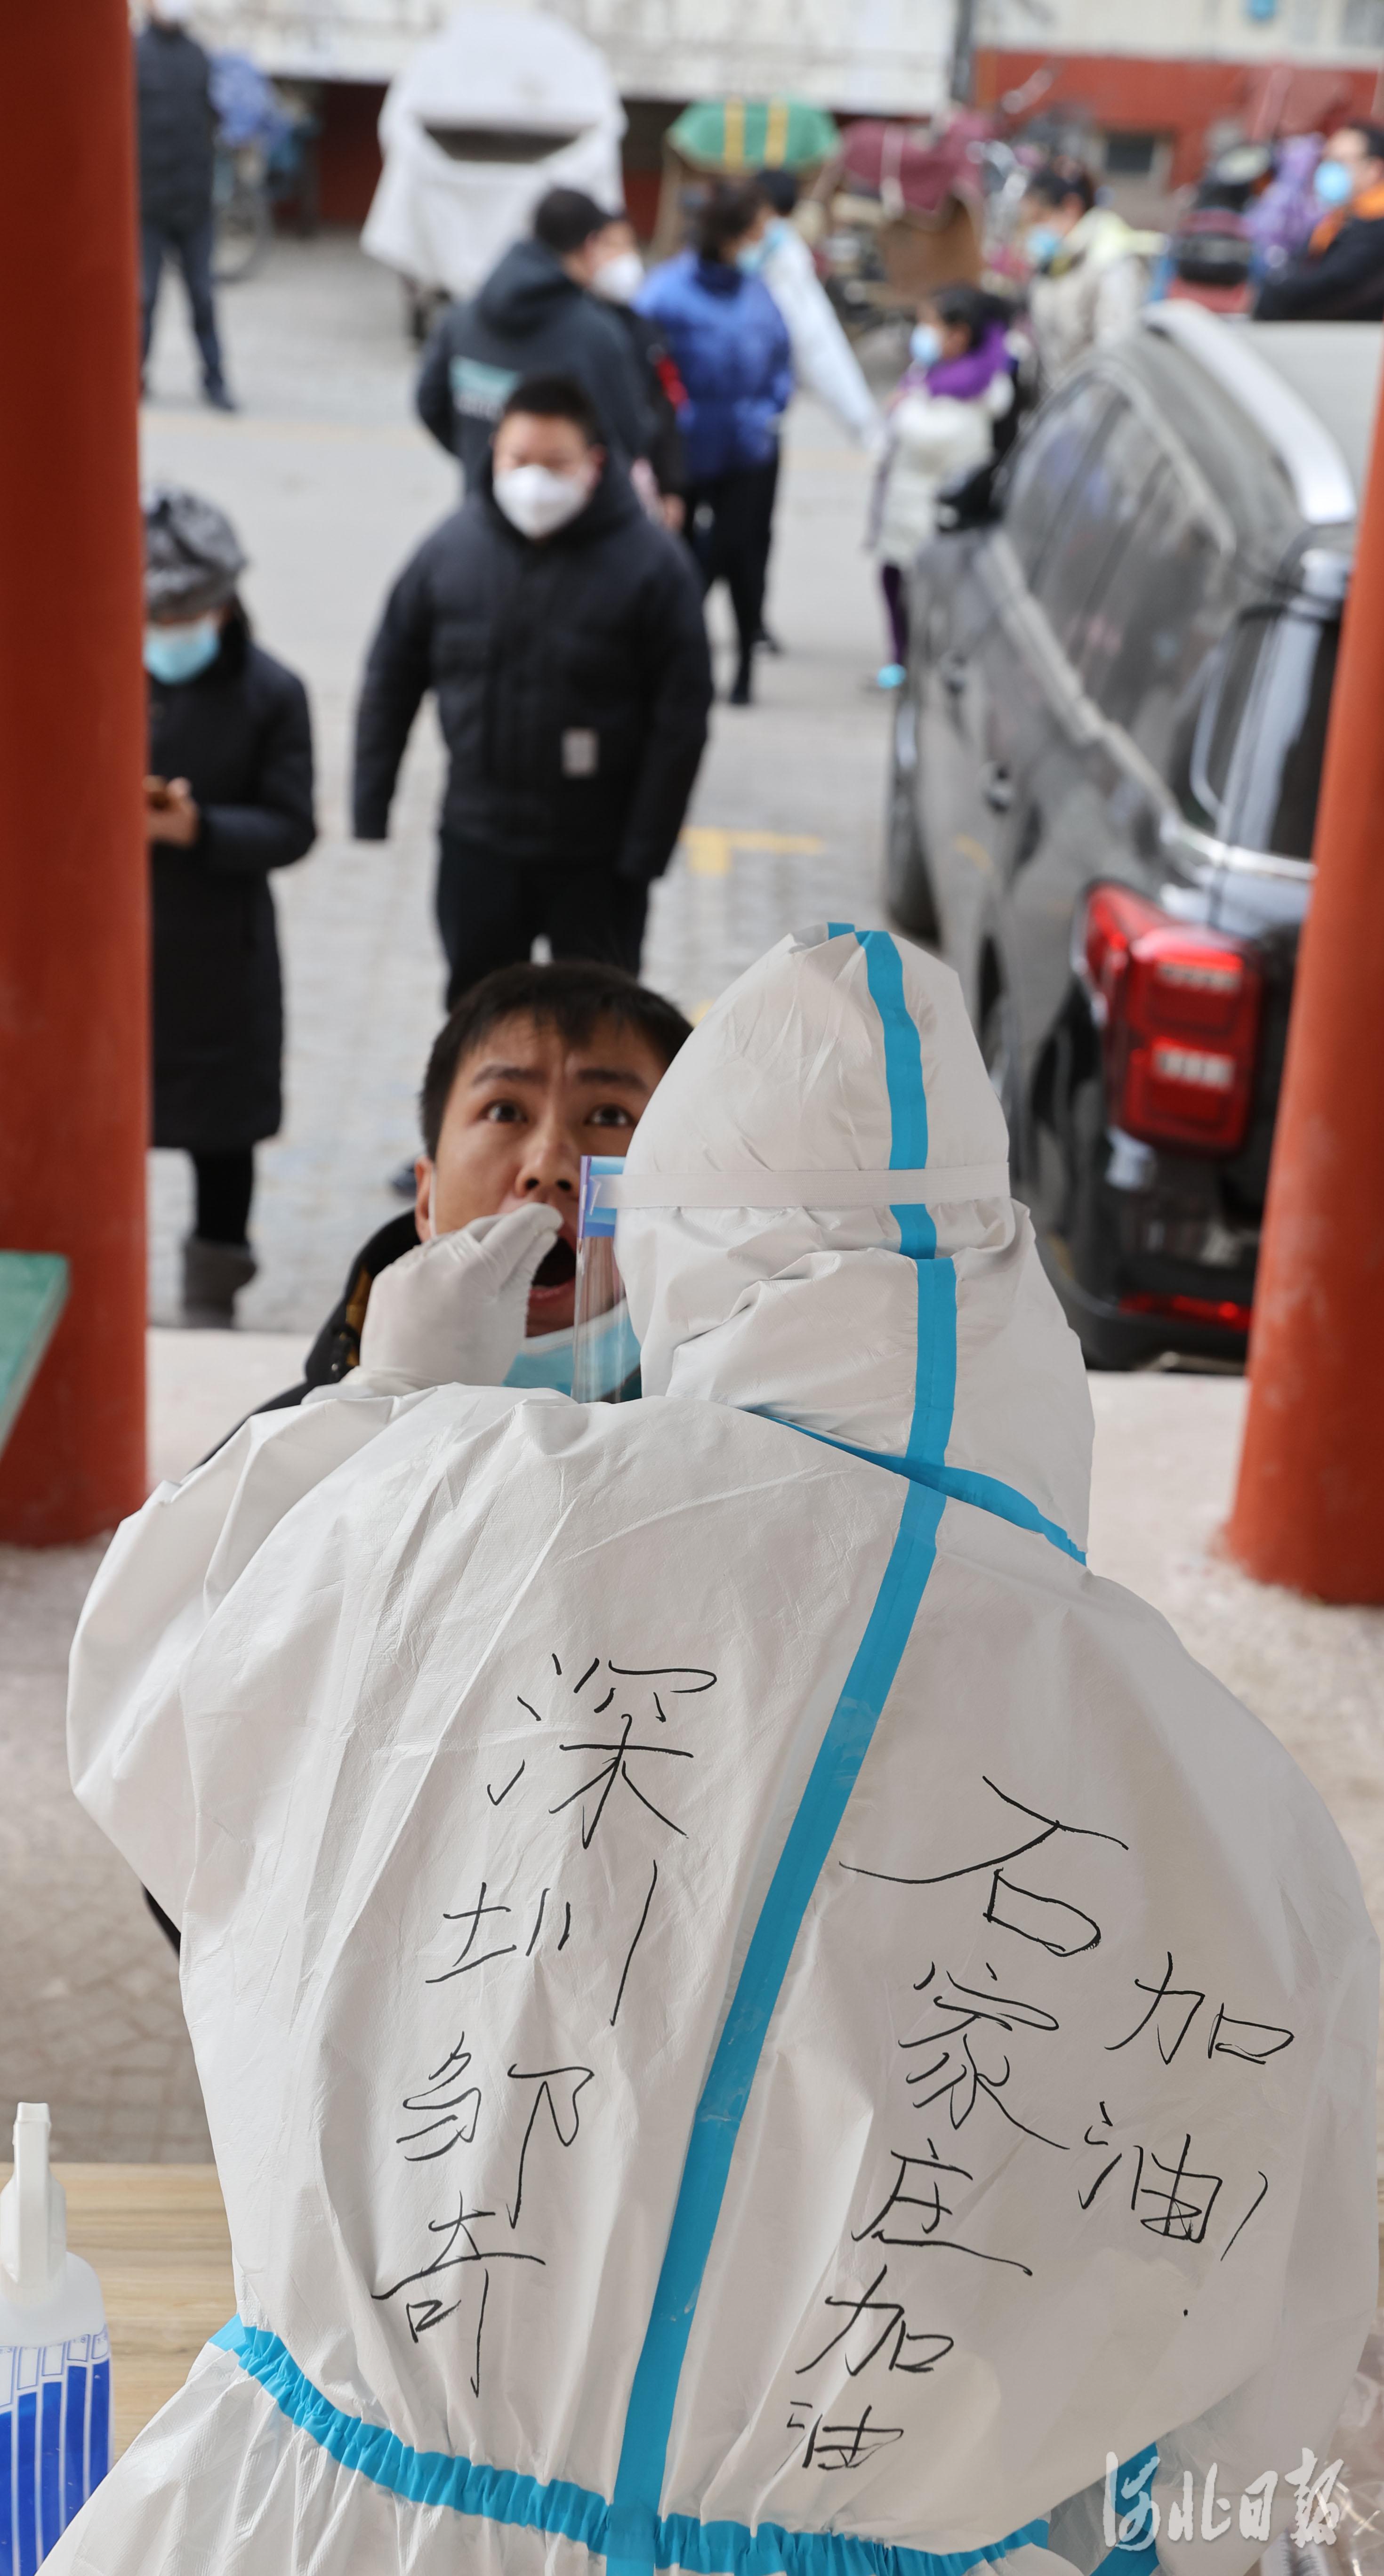 2021年1月12日,来自广东深圳核酸检测服务队的采样人员给石家庄市新华区赵陵铺路街道党家庄社区的居民进行核酸检测。